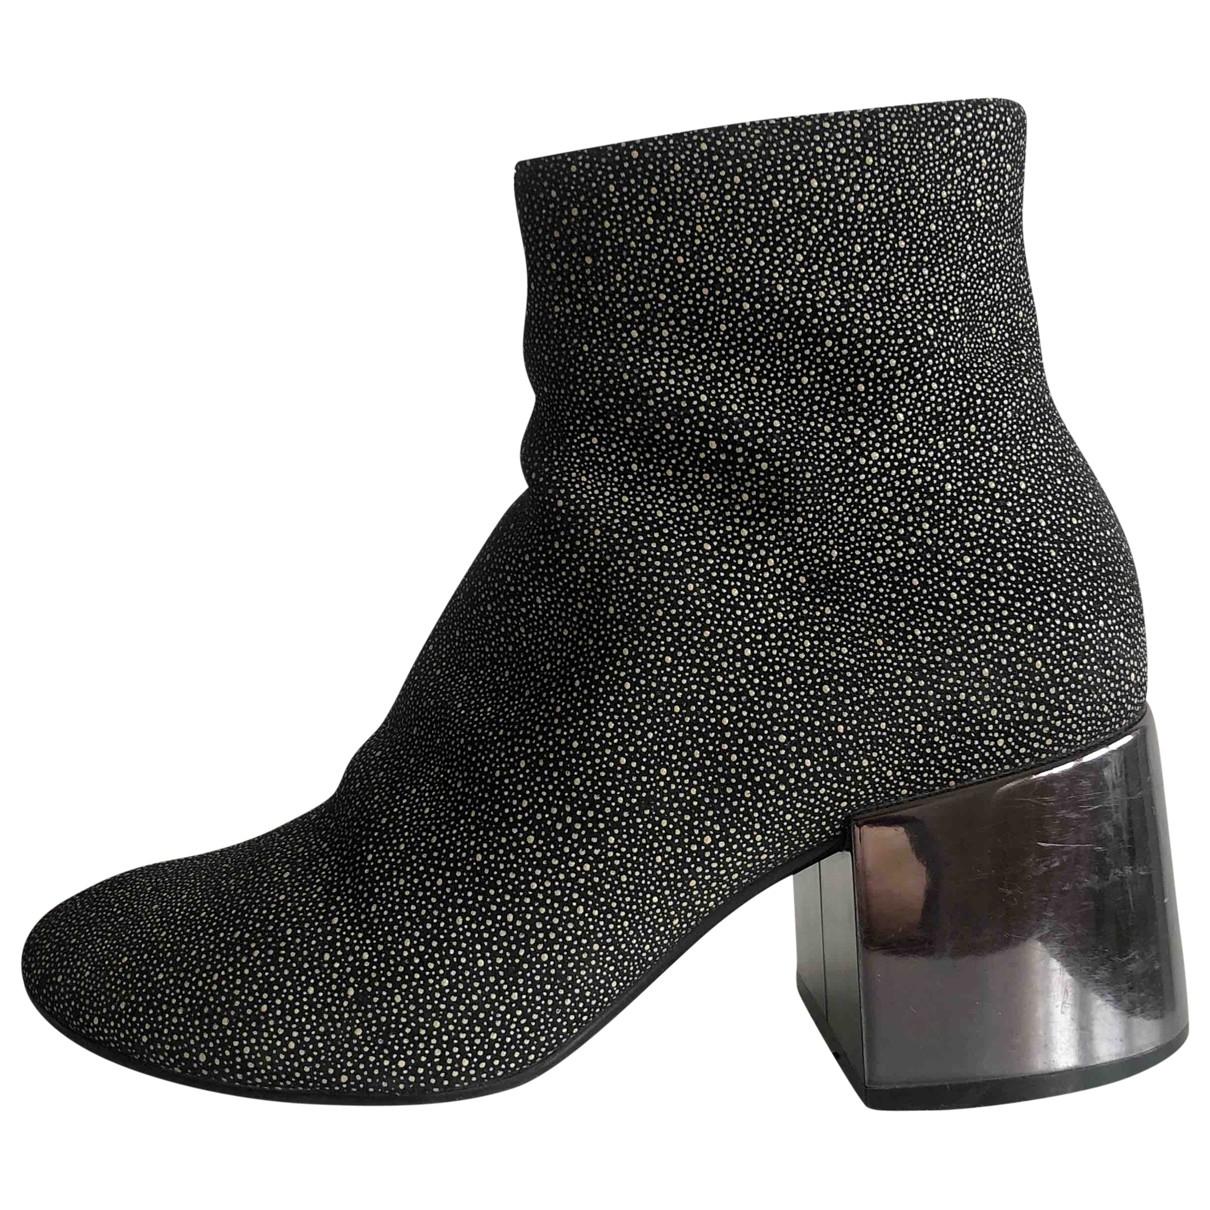 Mm6 - Boots   pour femme en cuir - noir